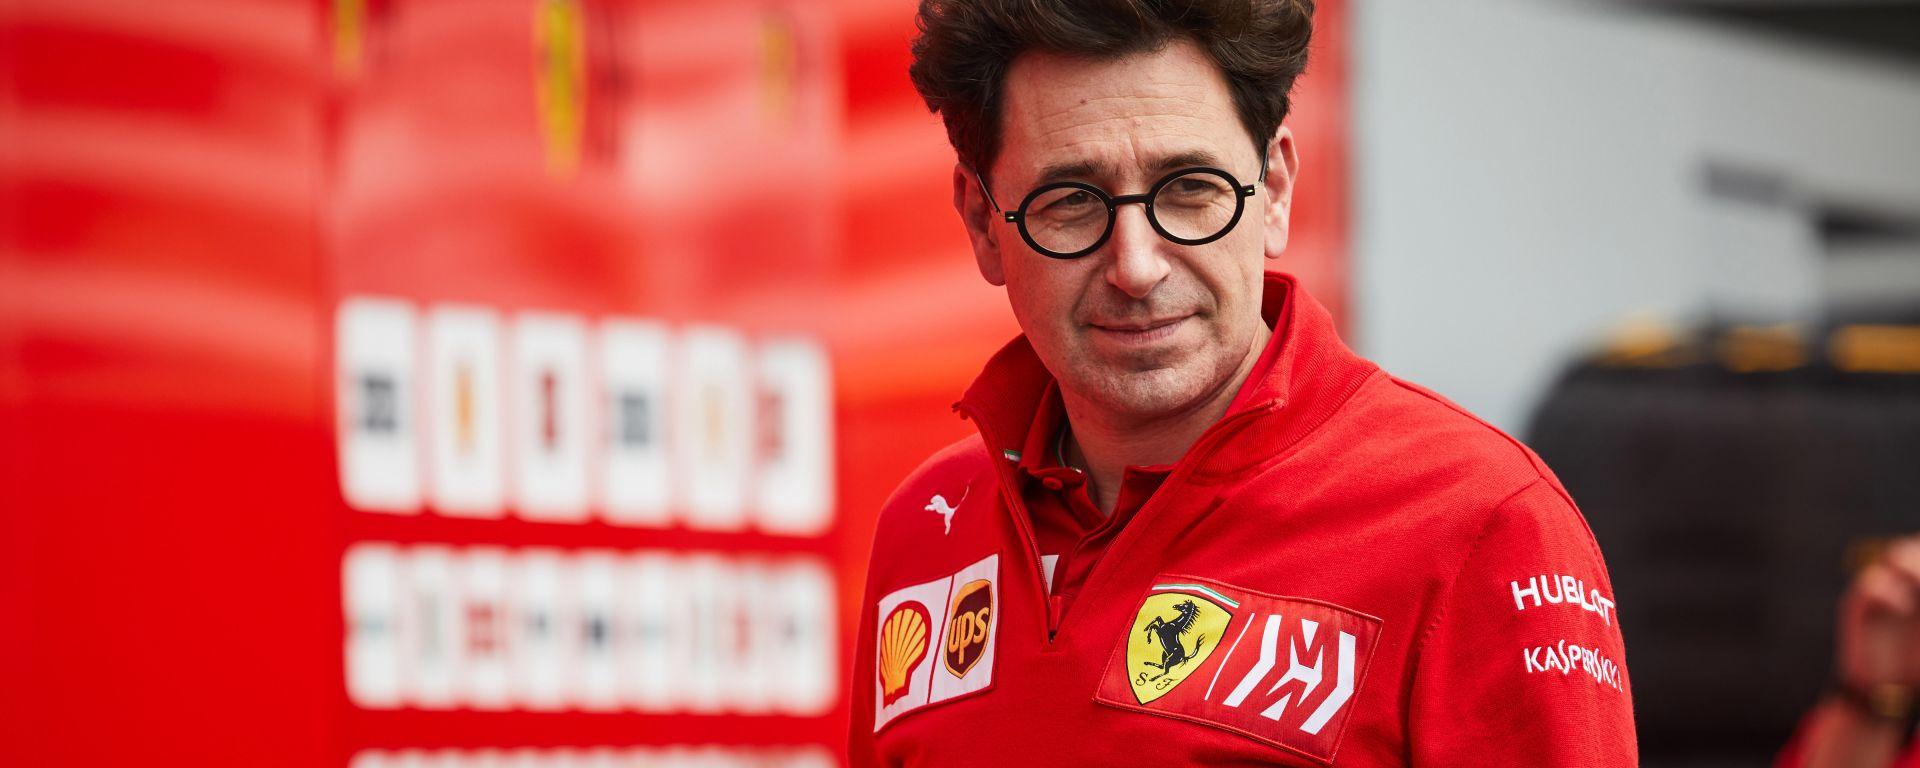 F1 GP Messico 2019, Città del Messico: Mattia Binotto, team principal della Ferrari